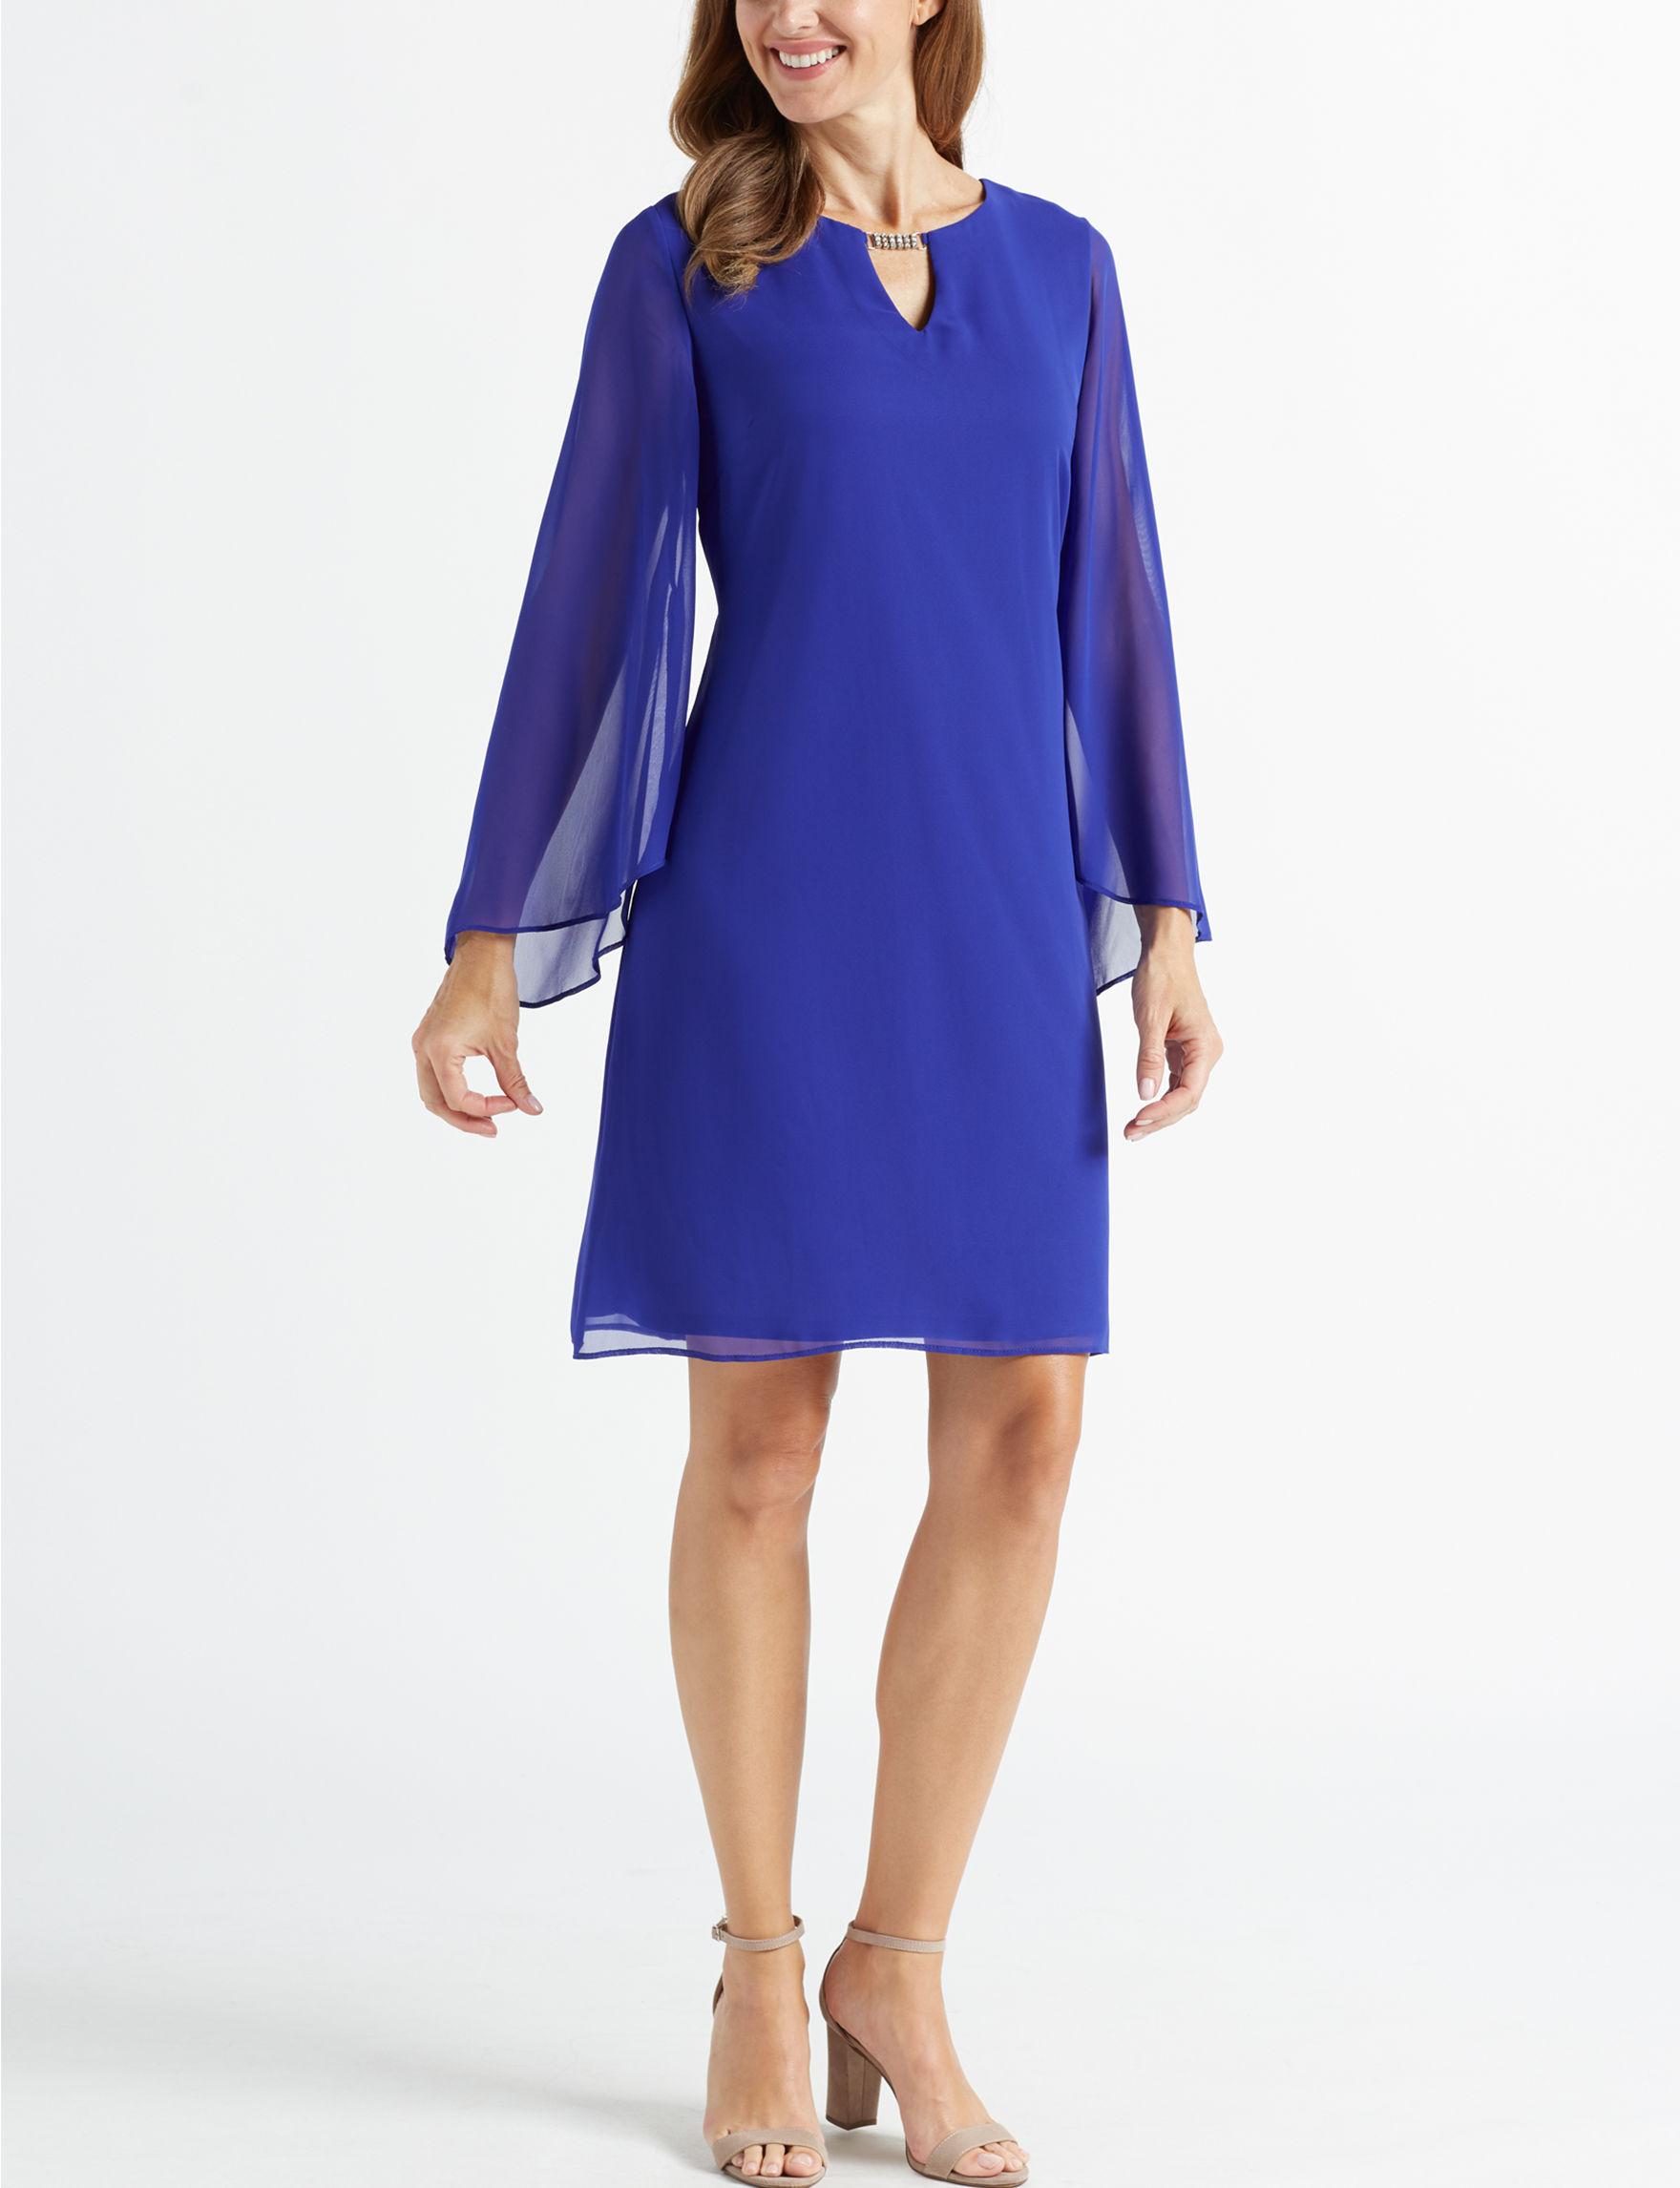 Ronni Nicole Violet Sheath Dresses